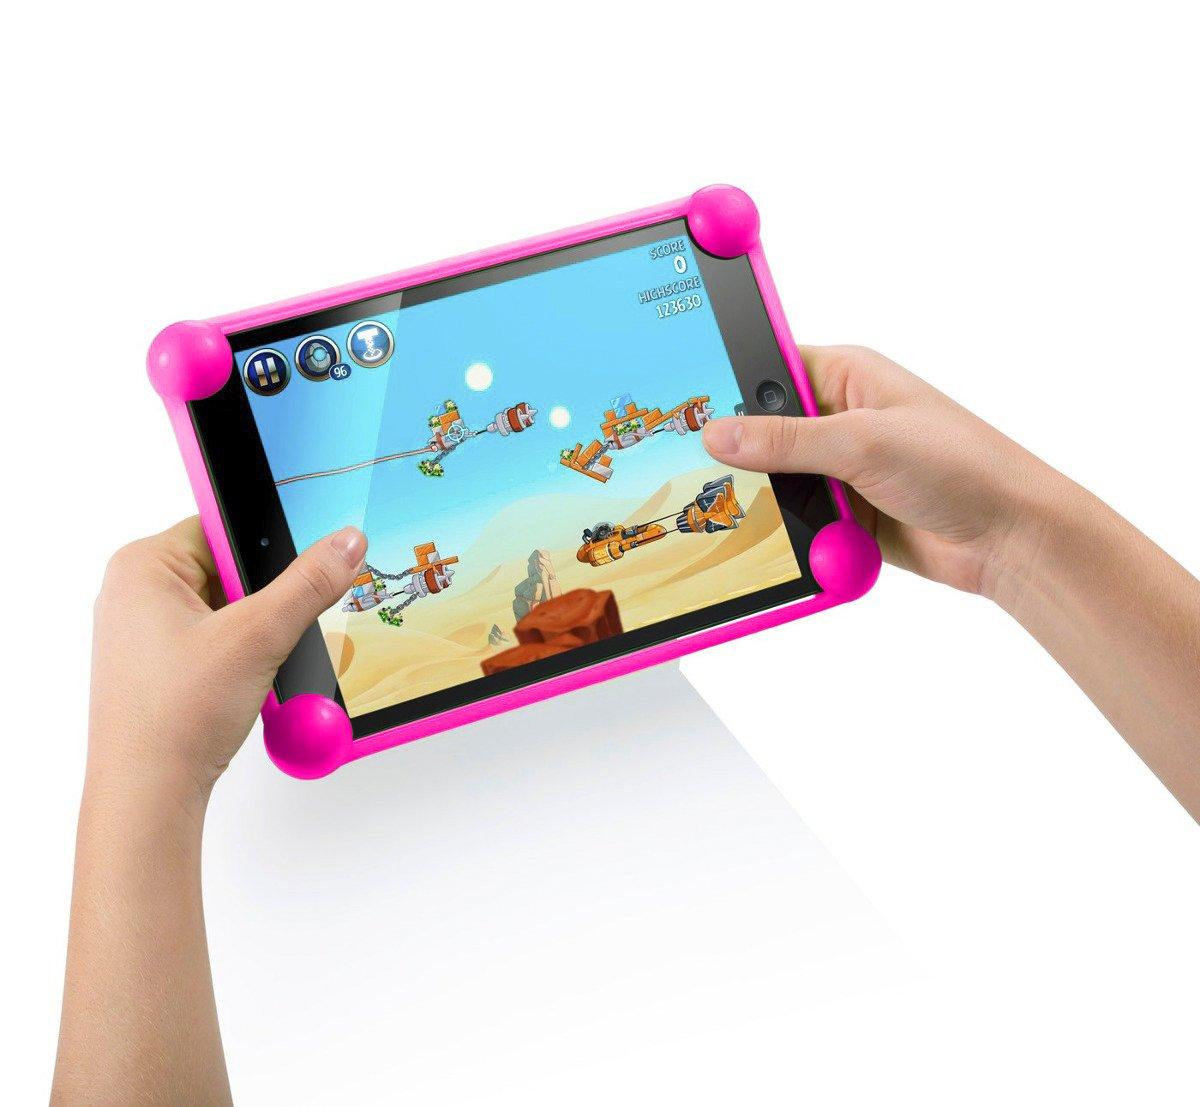 Tablet hü lle tablethü lle hü lle fü r Tablet kompatibel mit Tablets in jeder Grö ß e kompatibel mit allen Tablets des Marktes (Fuchsia) Color Dreams Smart Products